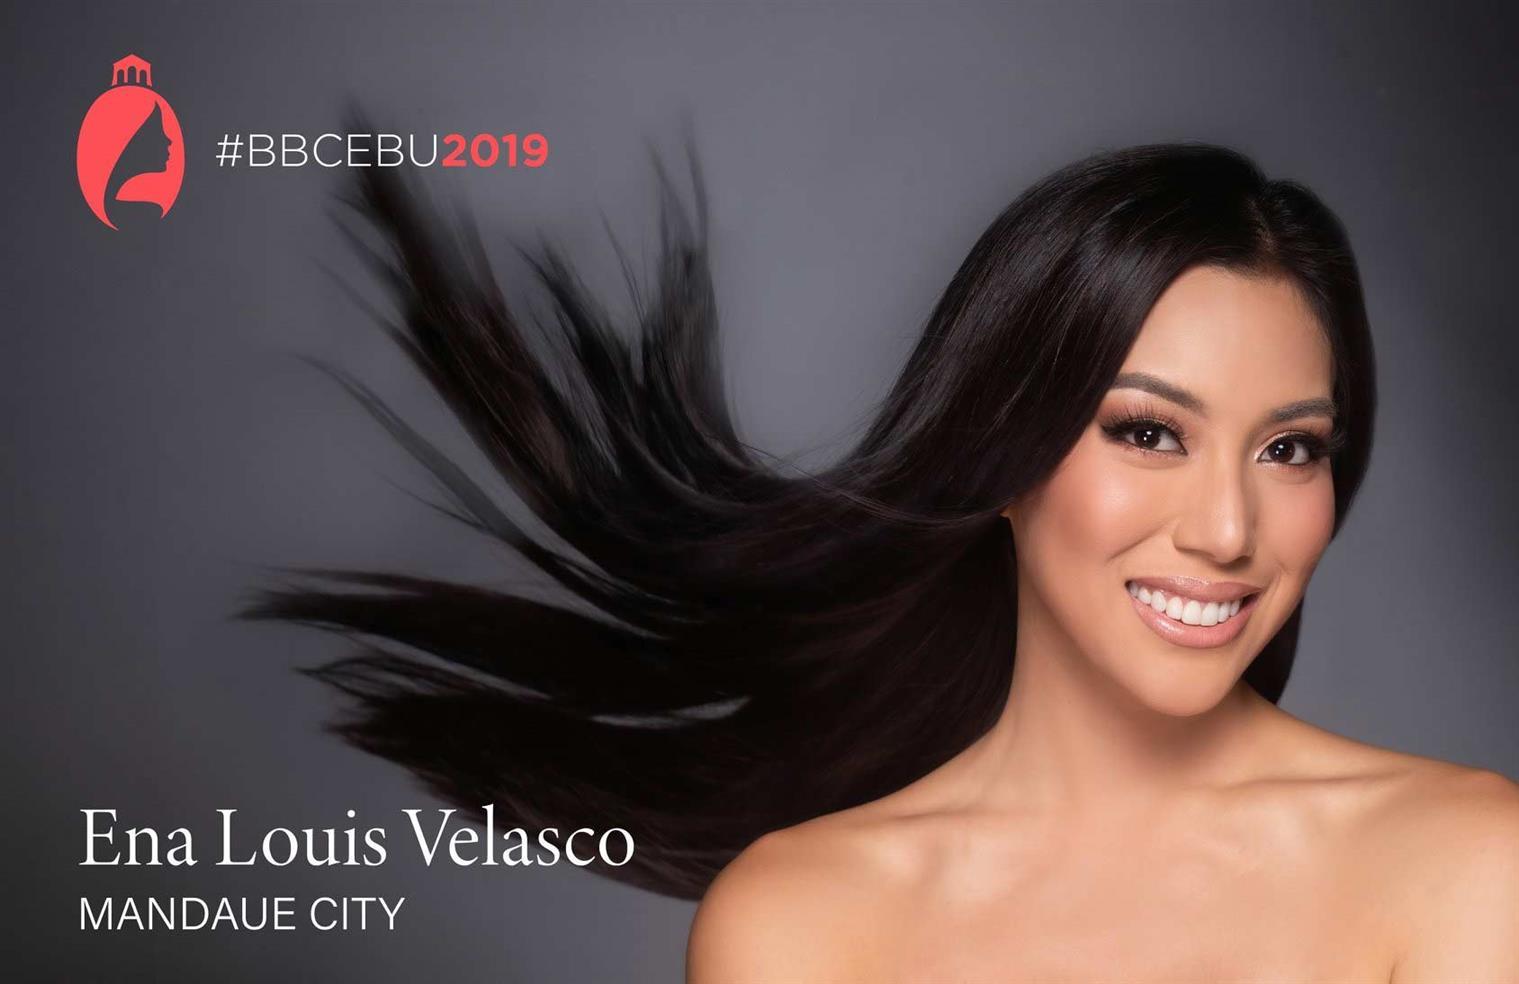 Ena Louis Velasco representing Mandaue City